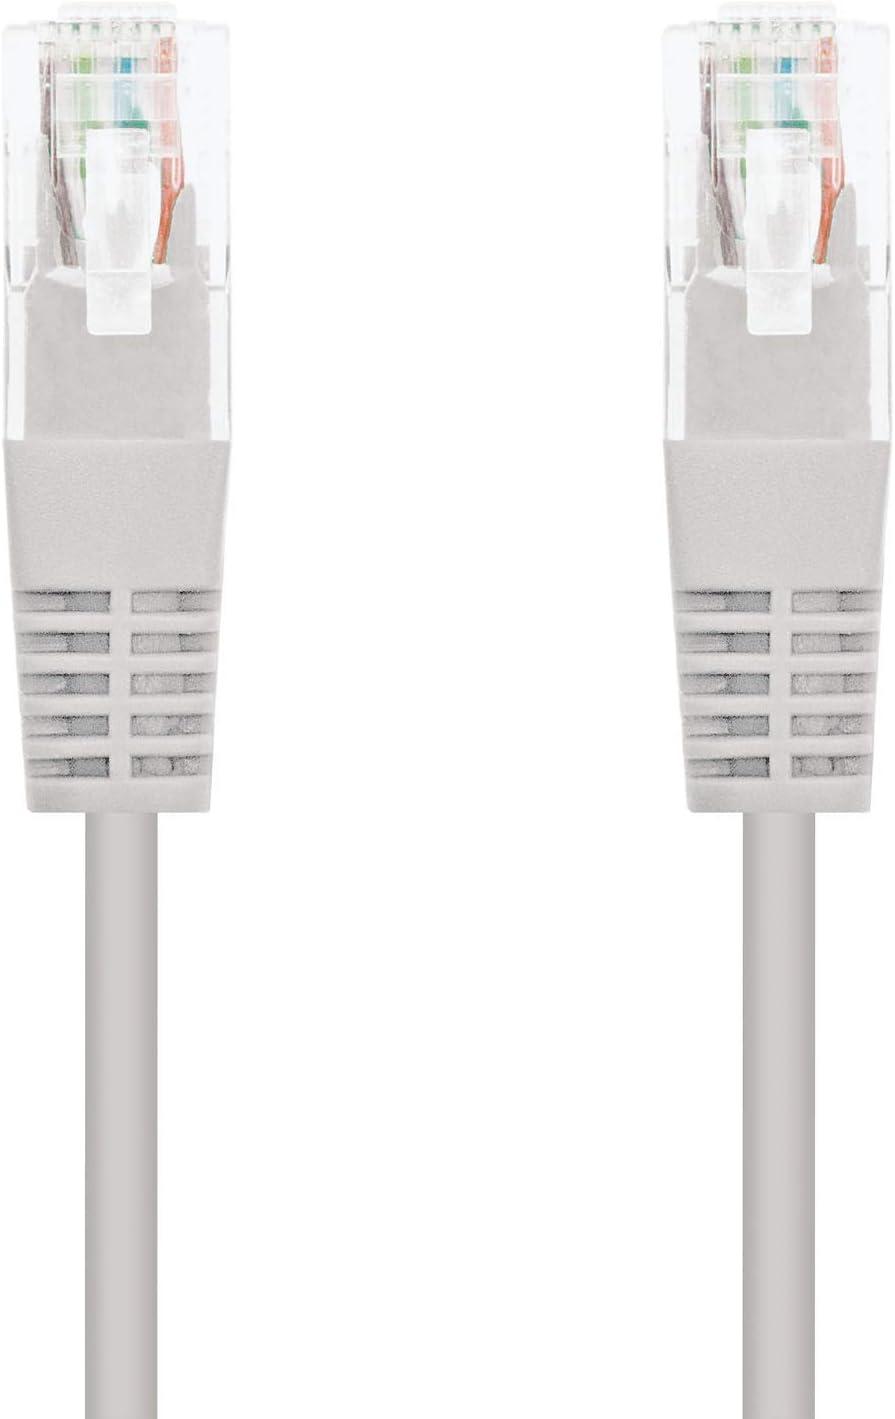 NanoCable 10.20.0130 - Cable de red Ethernet RJ45 Cat.5e UTP AWG24, Gris, latiguillo de 30mts